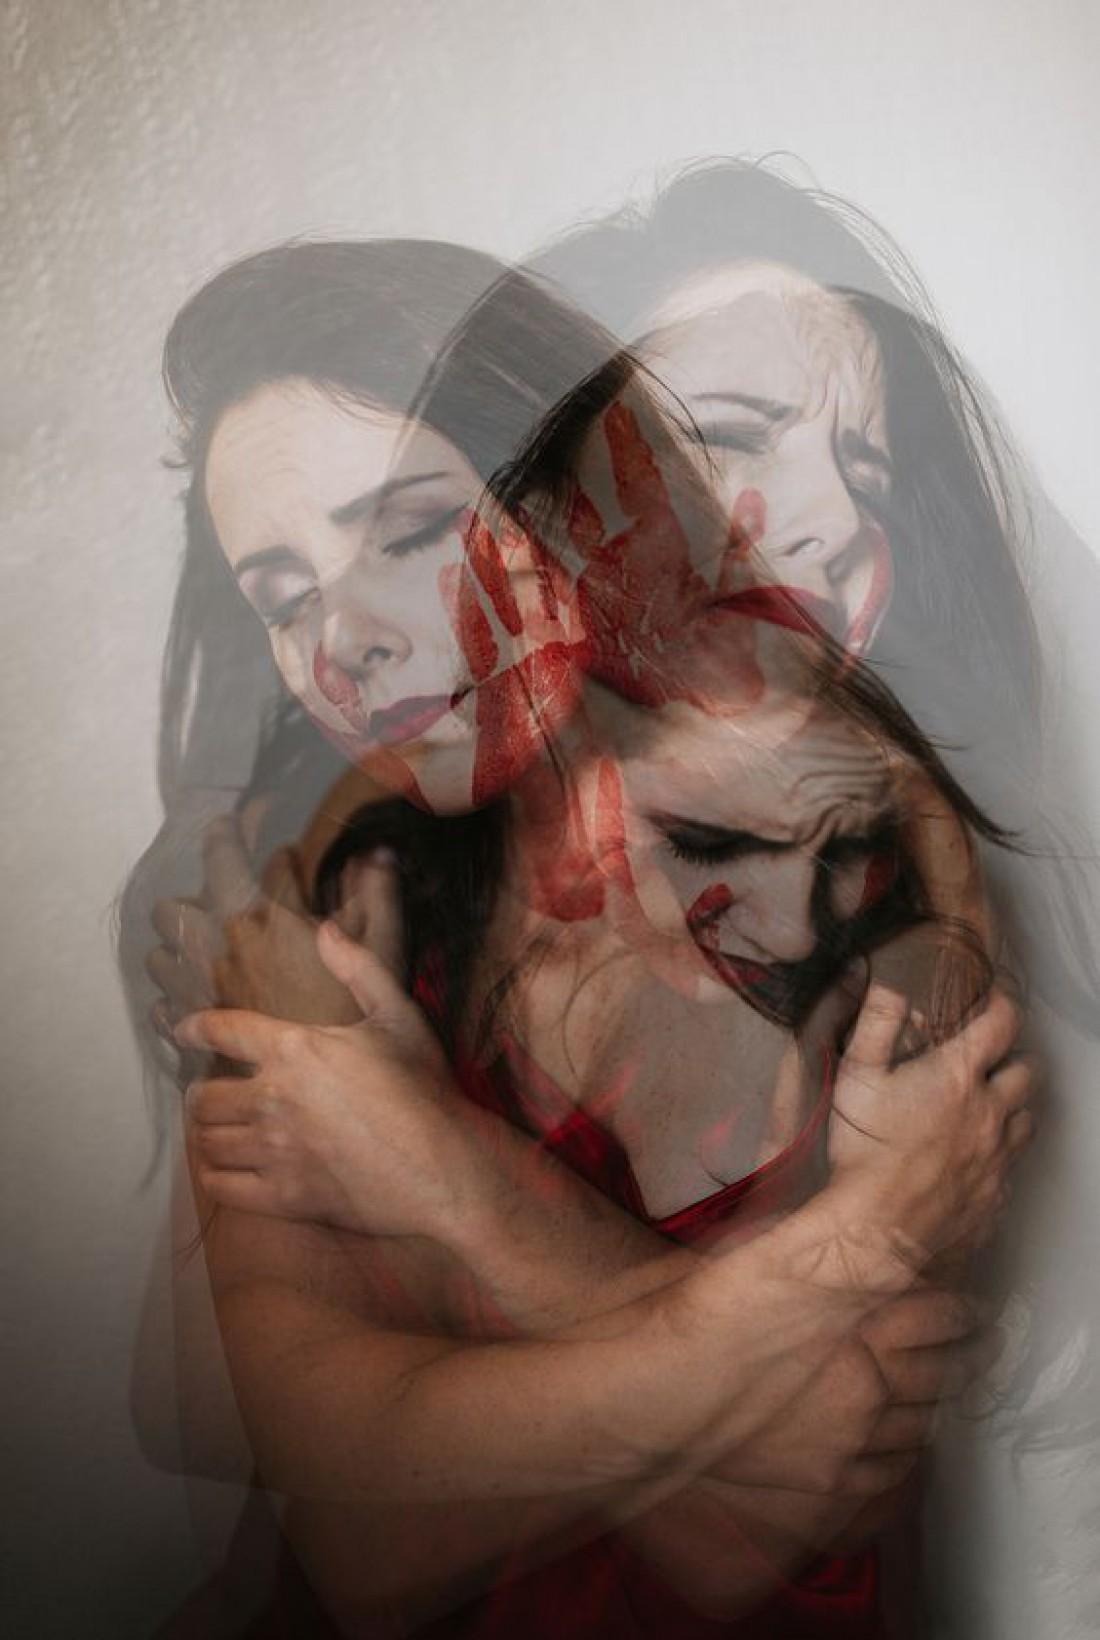 Домашнее насилие в Украине: куда обращаться и звонить, как обезопасить себя